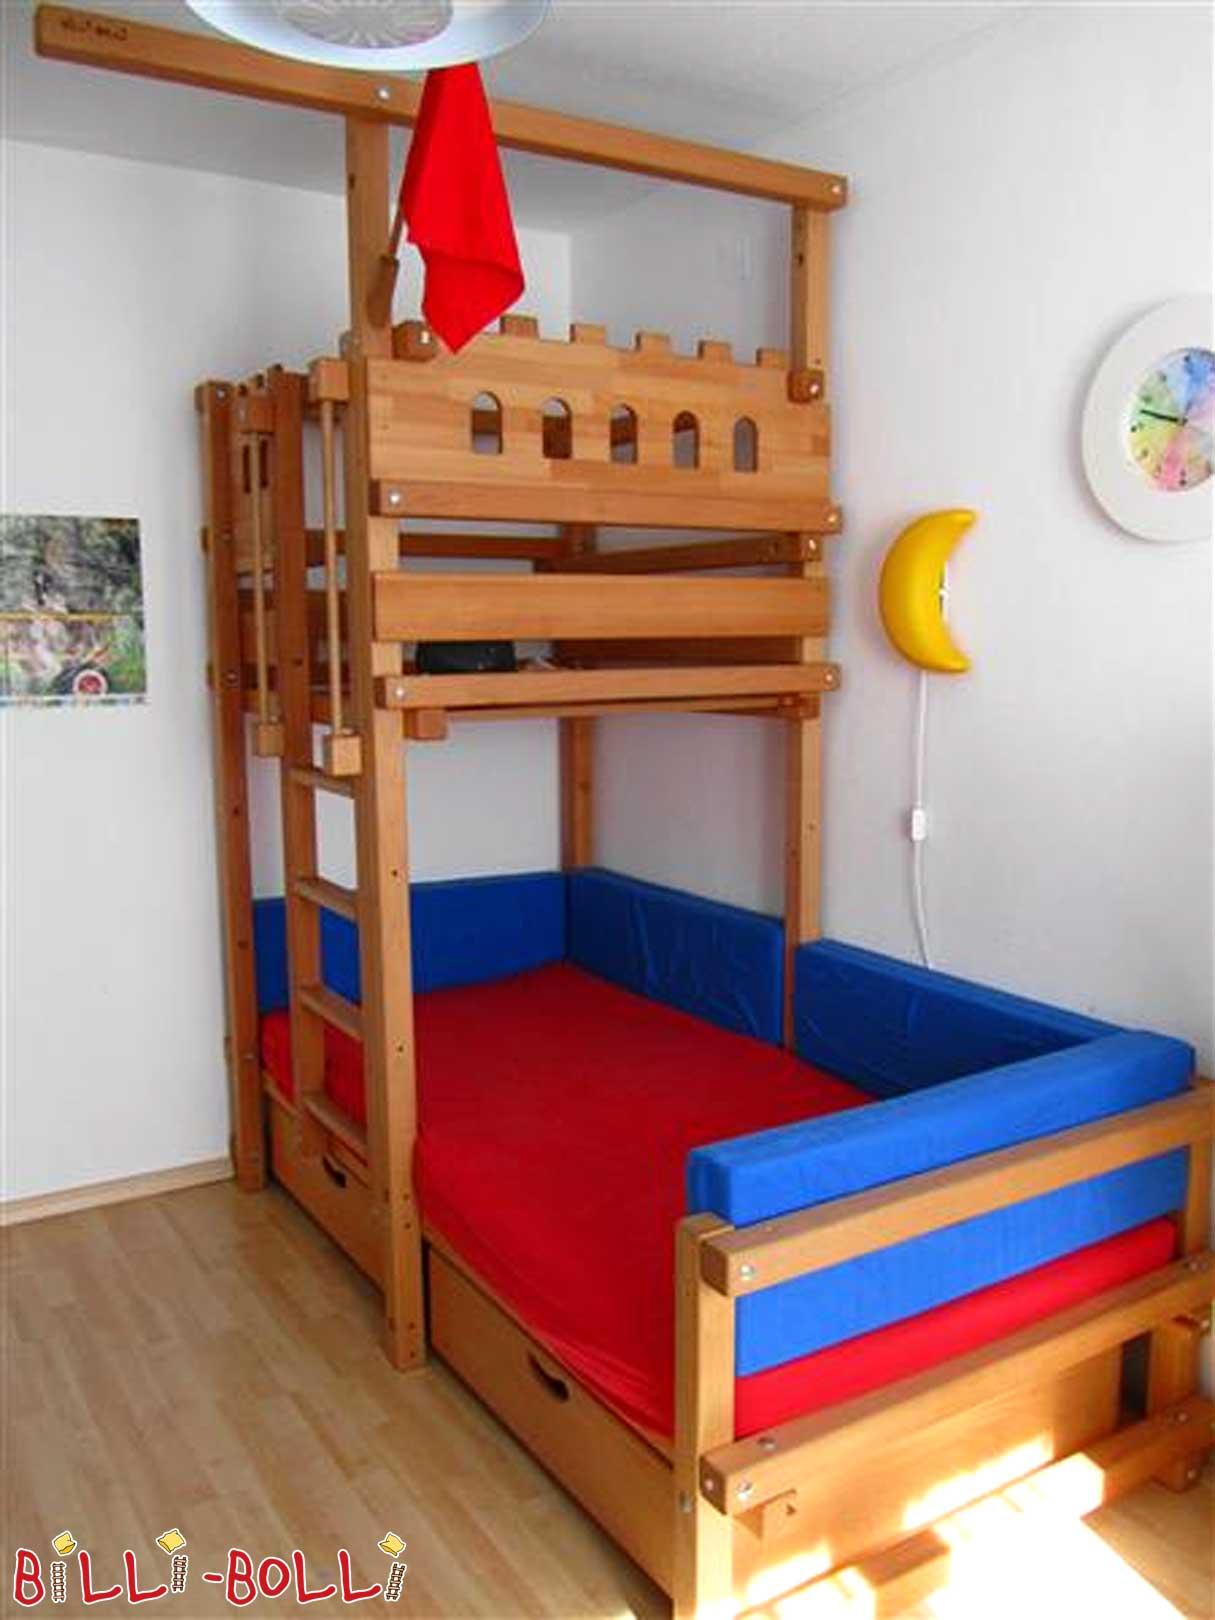 kinder jugendbett gallery of with kinder jugendbett affordable fairytale flower curtain for. Black Bedroom Furniture Sets. Home Design Ideas